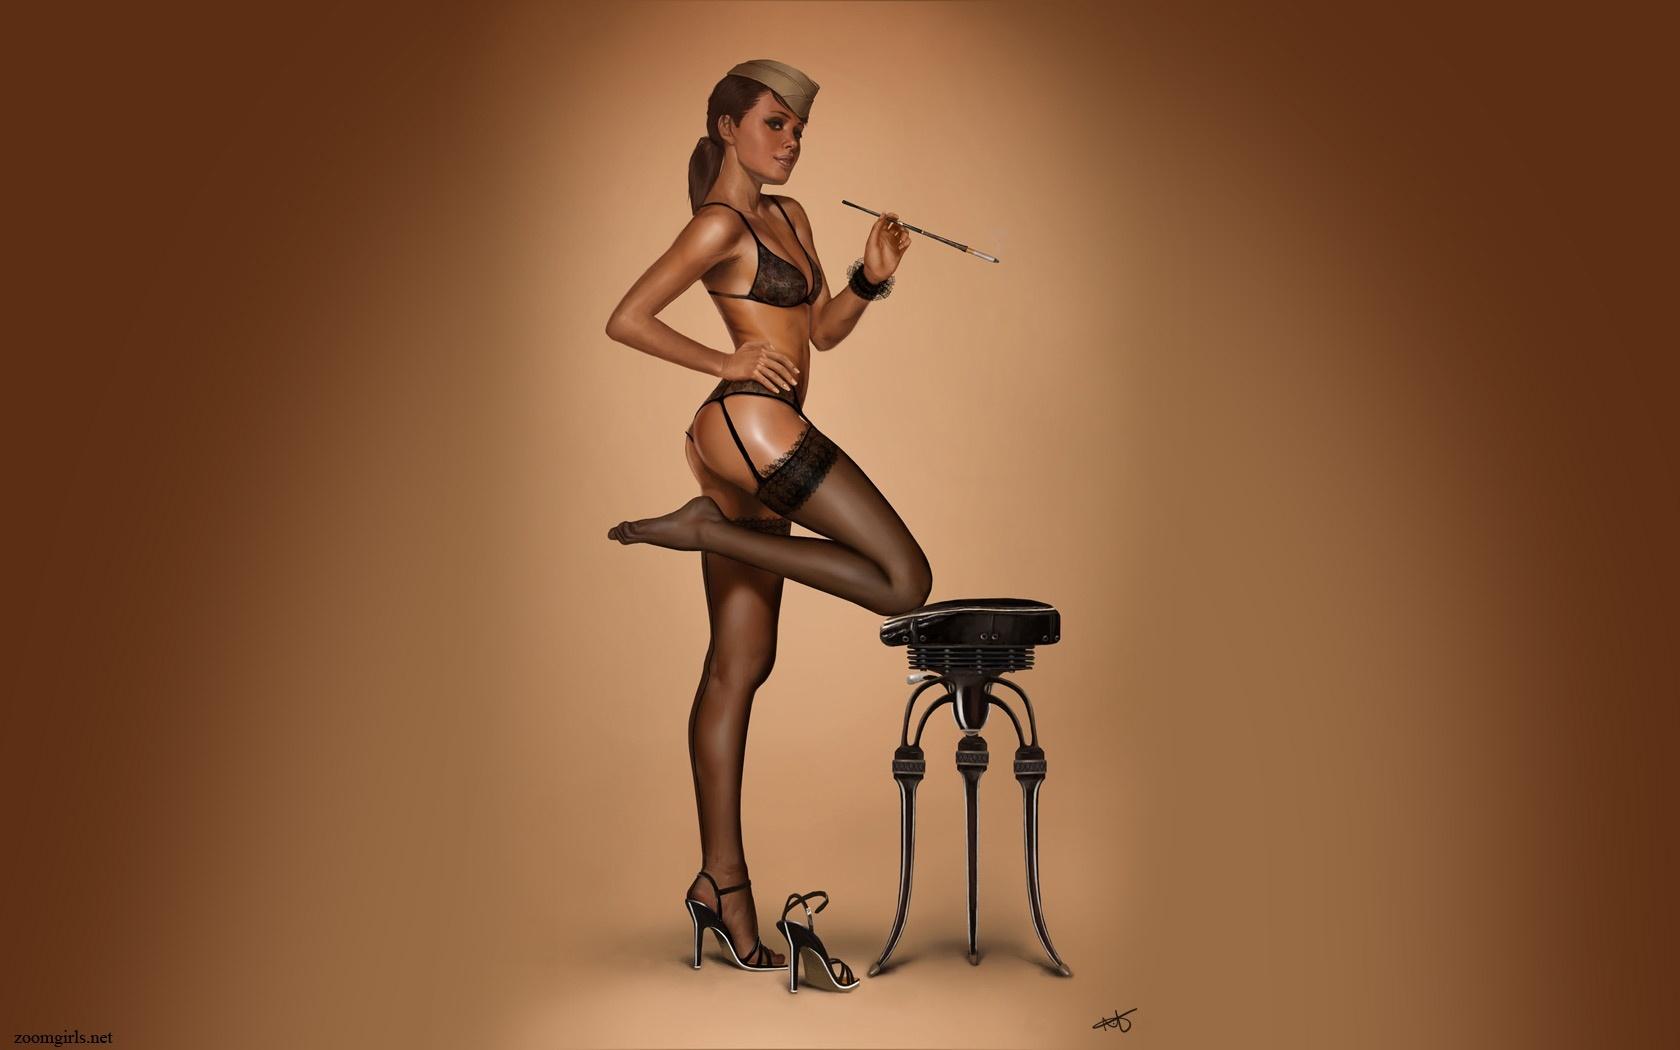 Фото сексуальные девушки с сигаретой 16 фотография